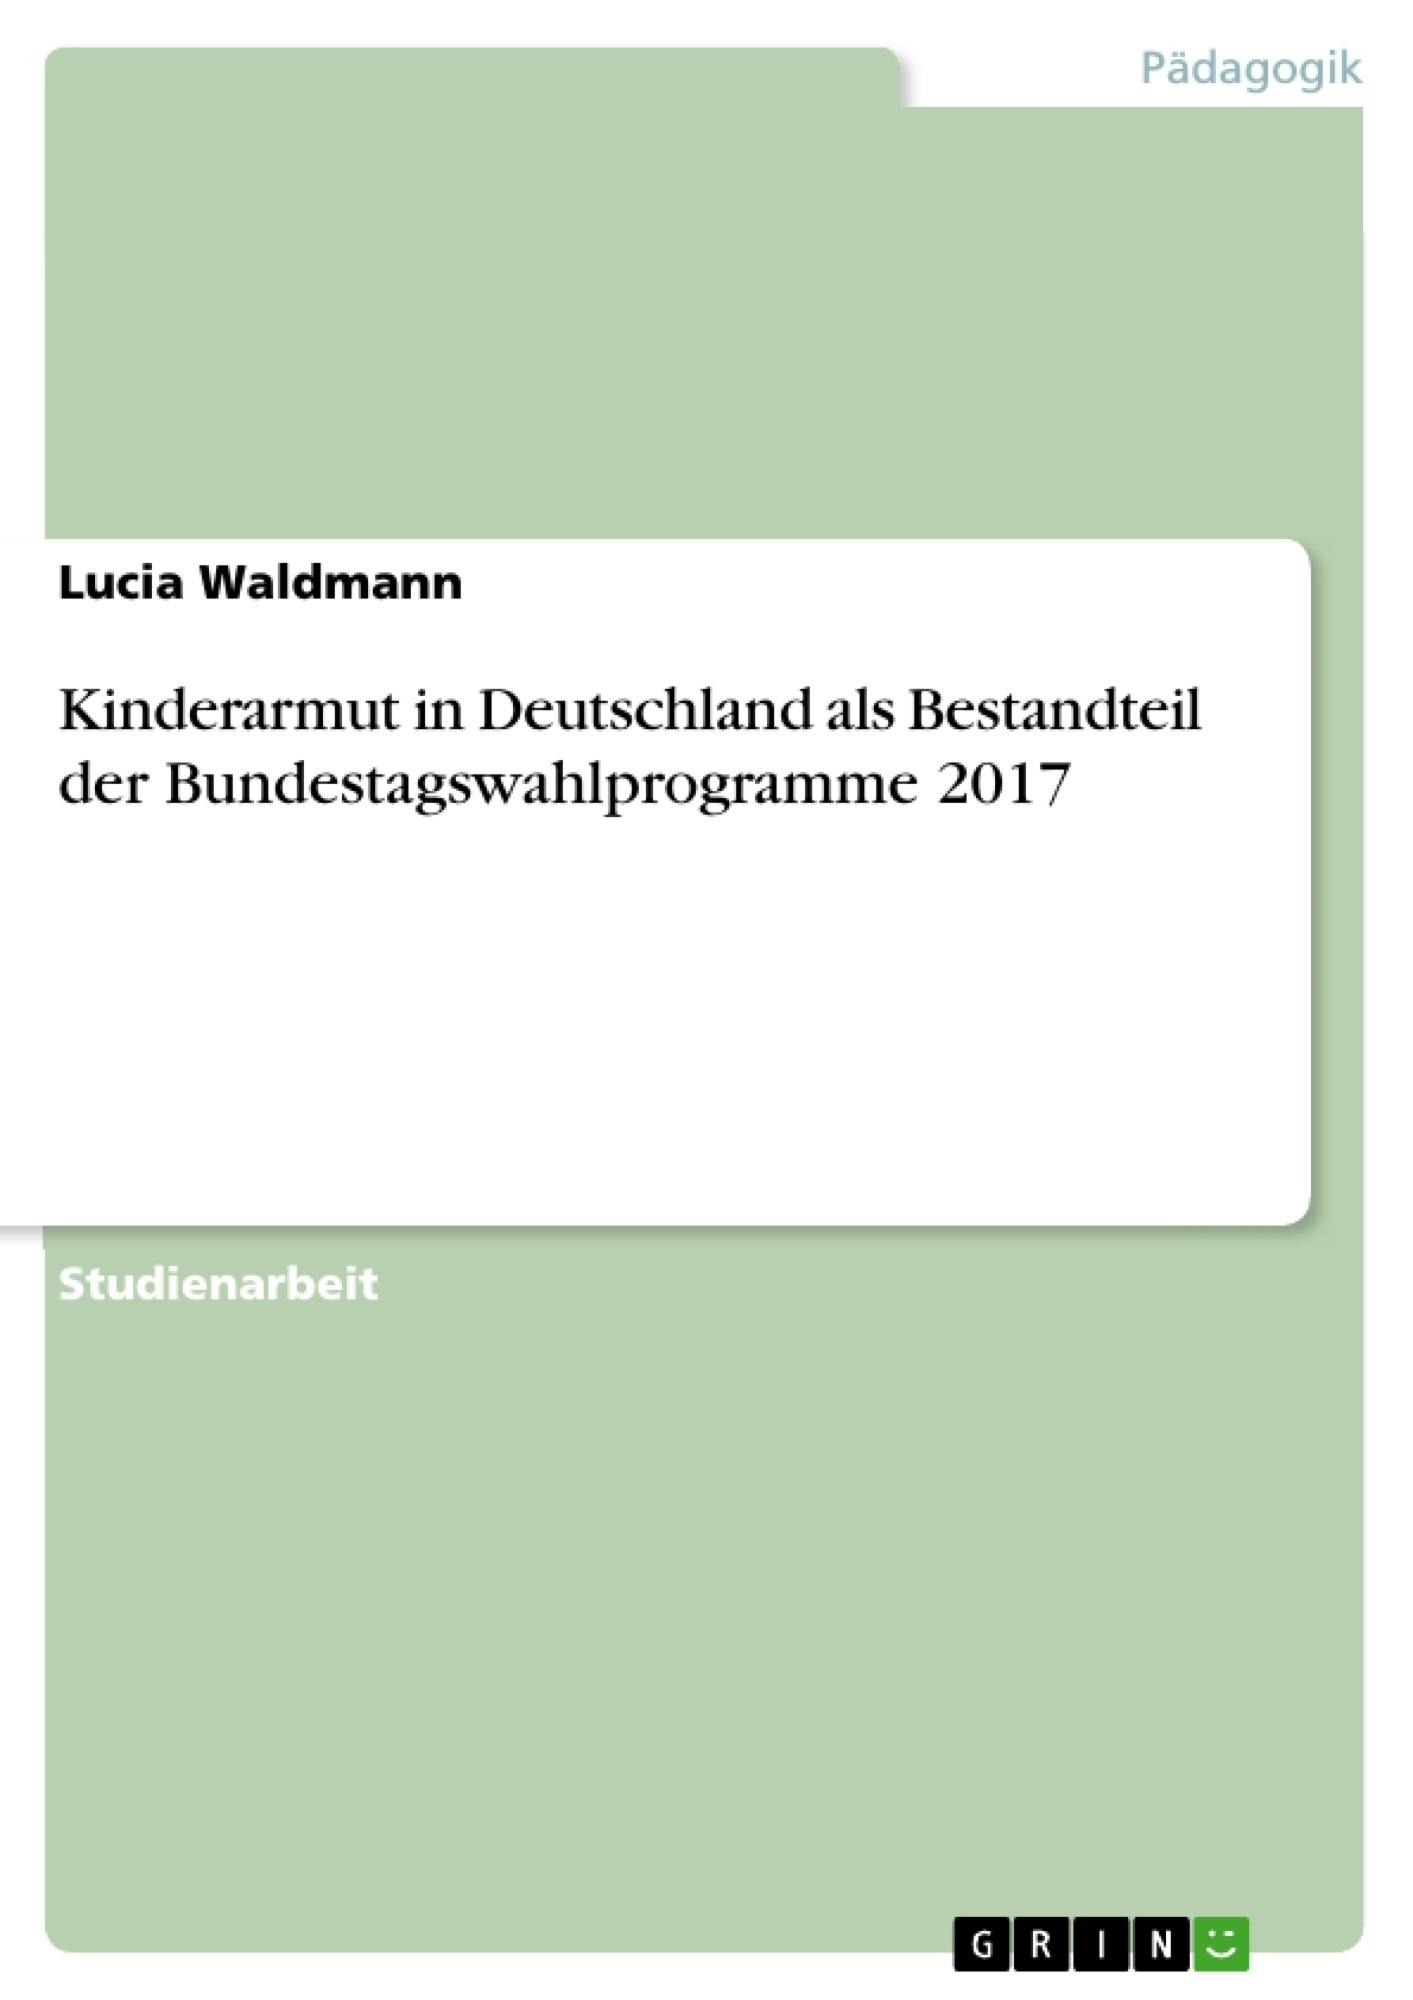 Titel: Kinderarmut in Deutschland als Bestandteil der Bundestagswahlprogramme 2017